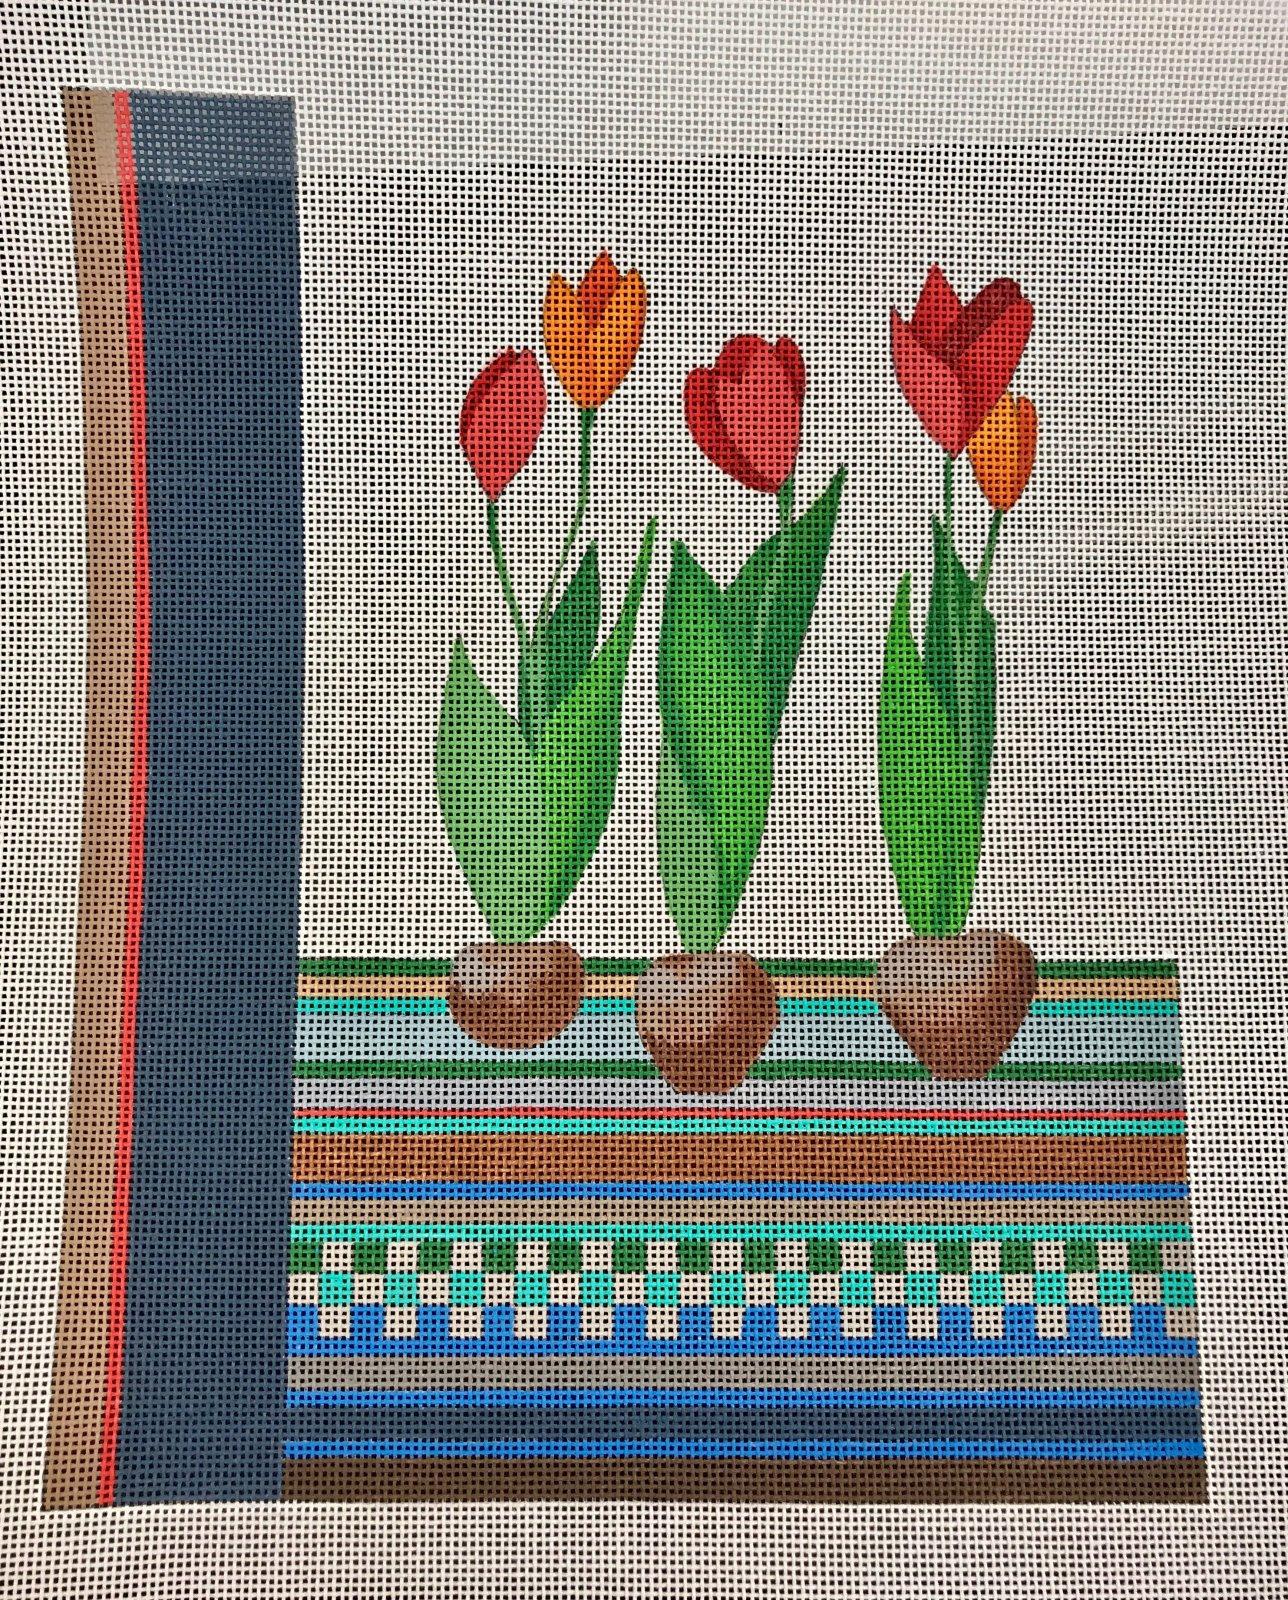 Tulip Bulbs w/SG